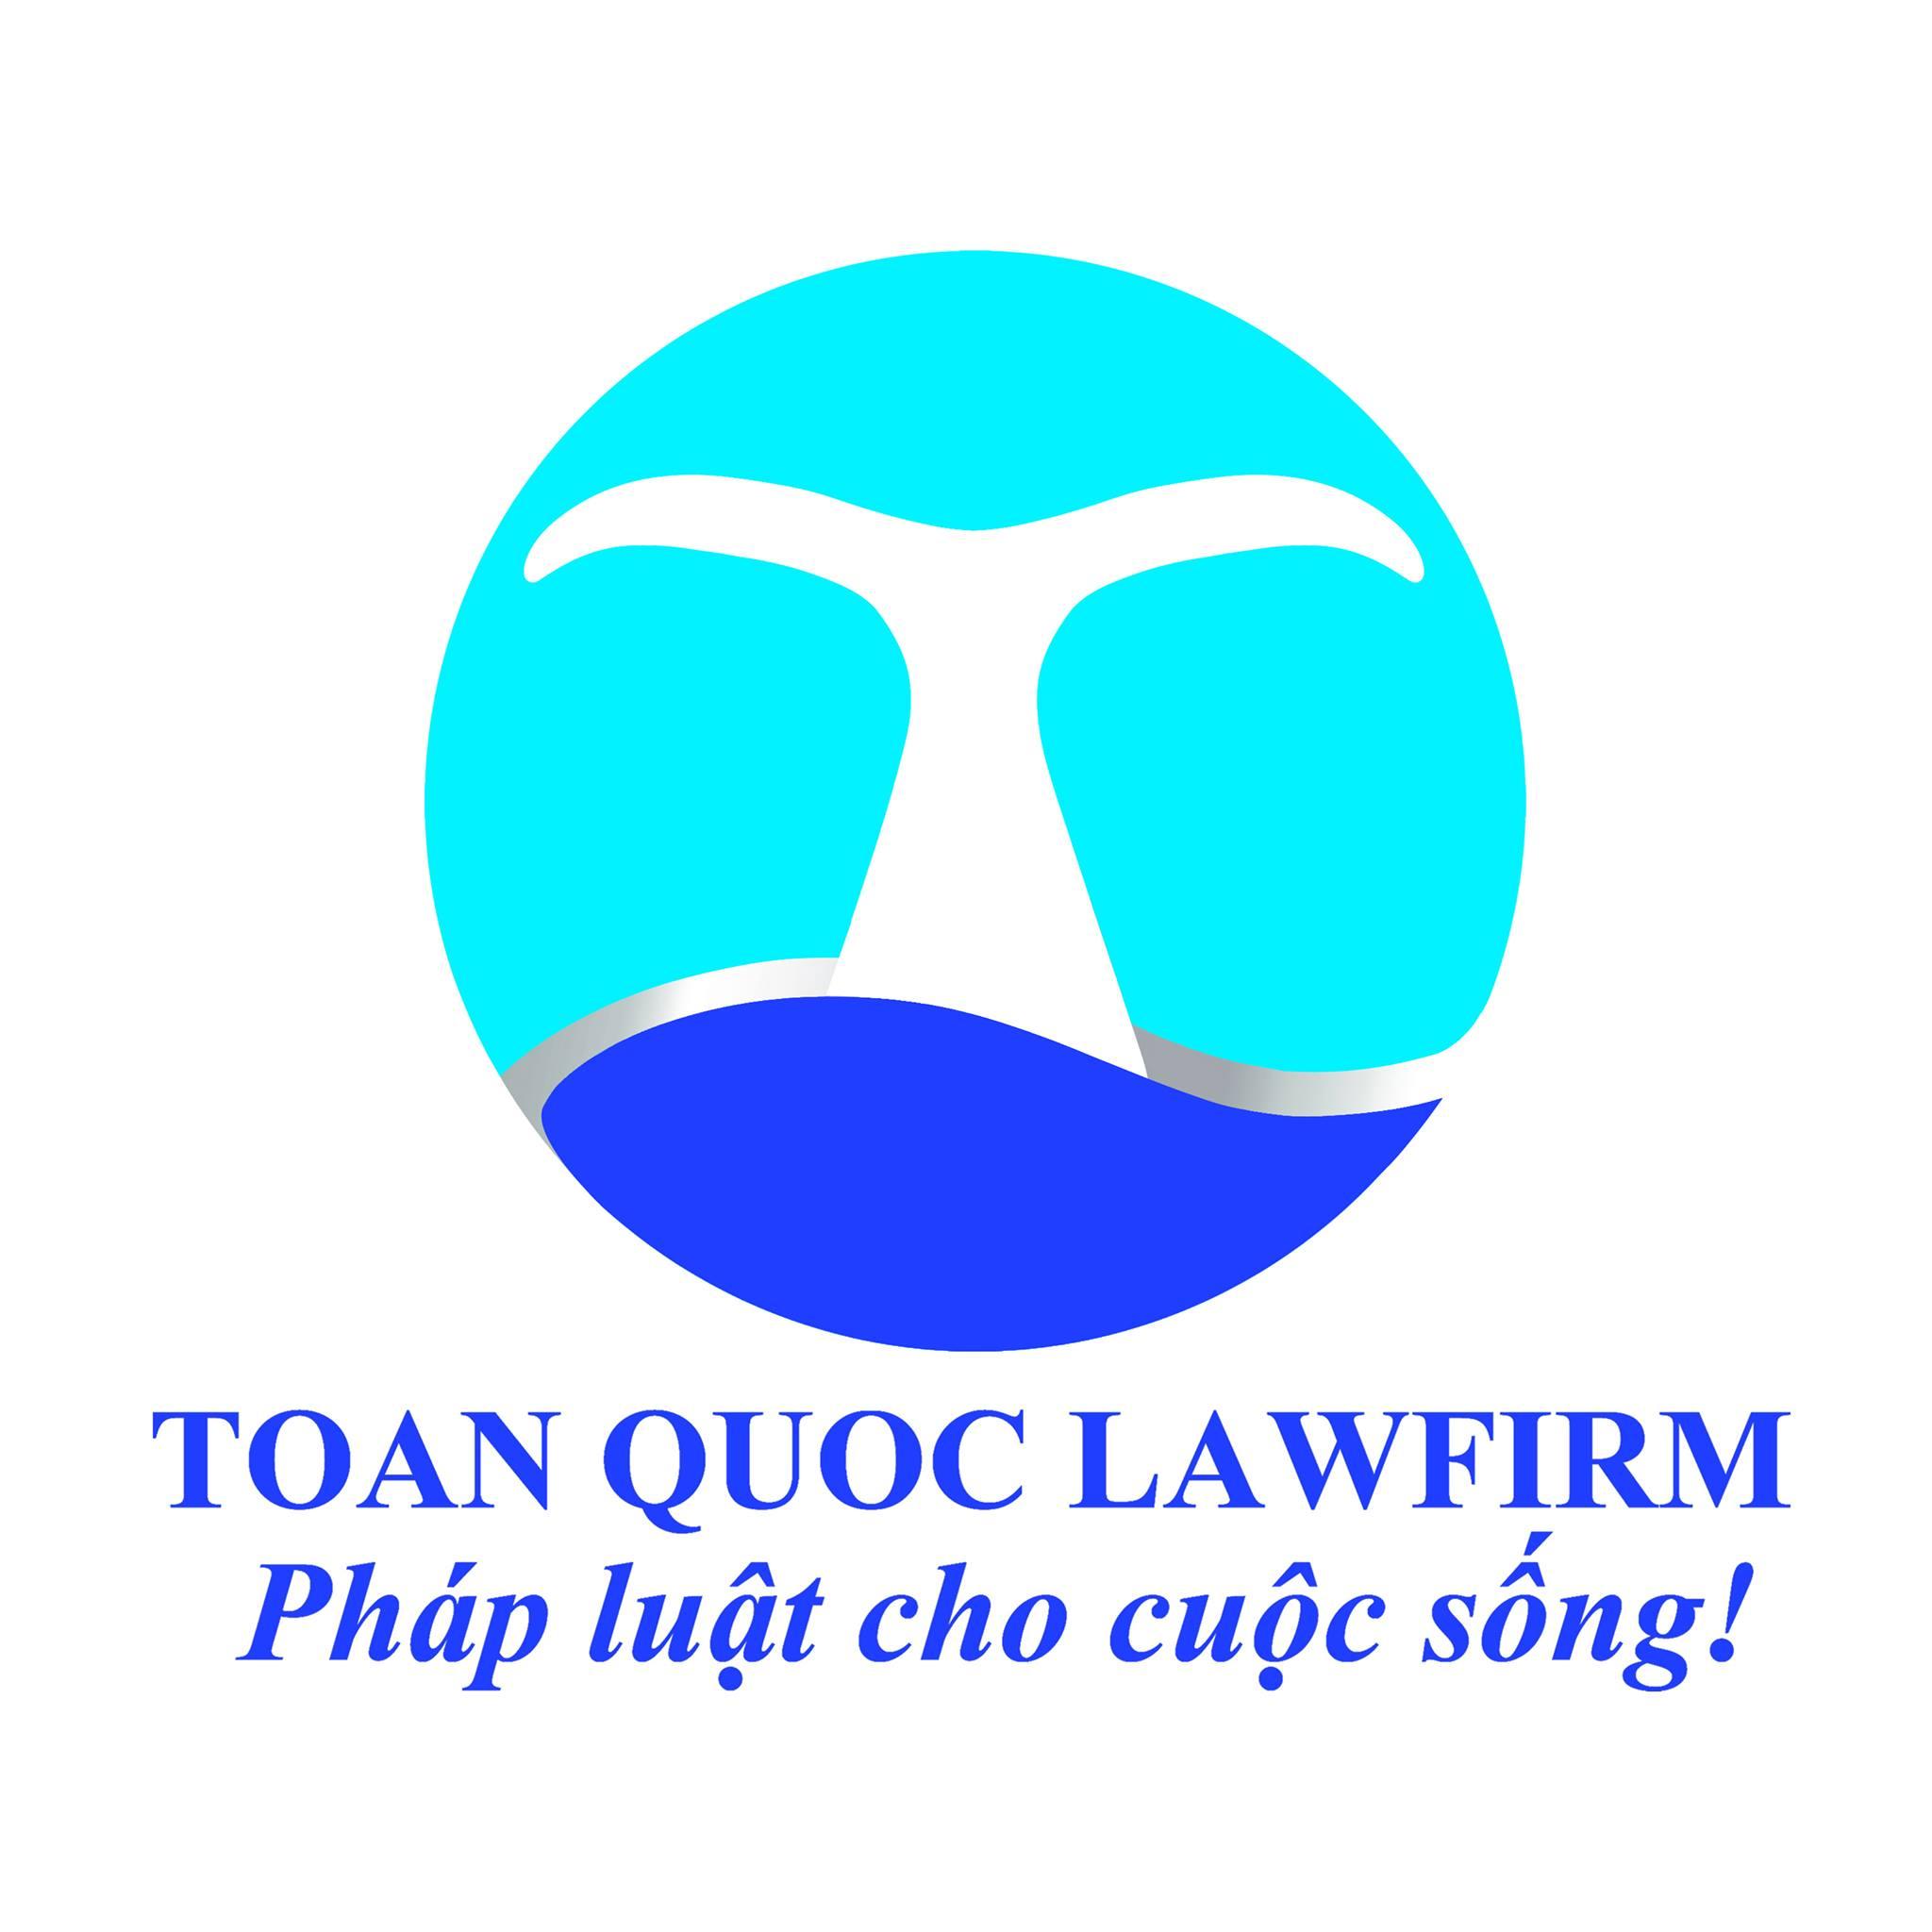 Văn phòng luật sư tư vấn luật tại Lâm Đồng